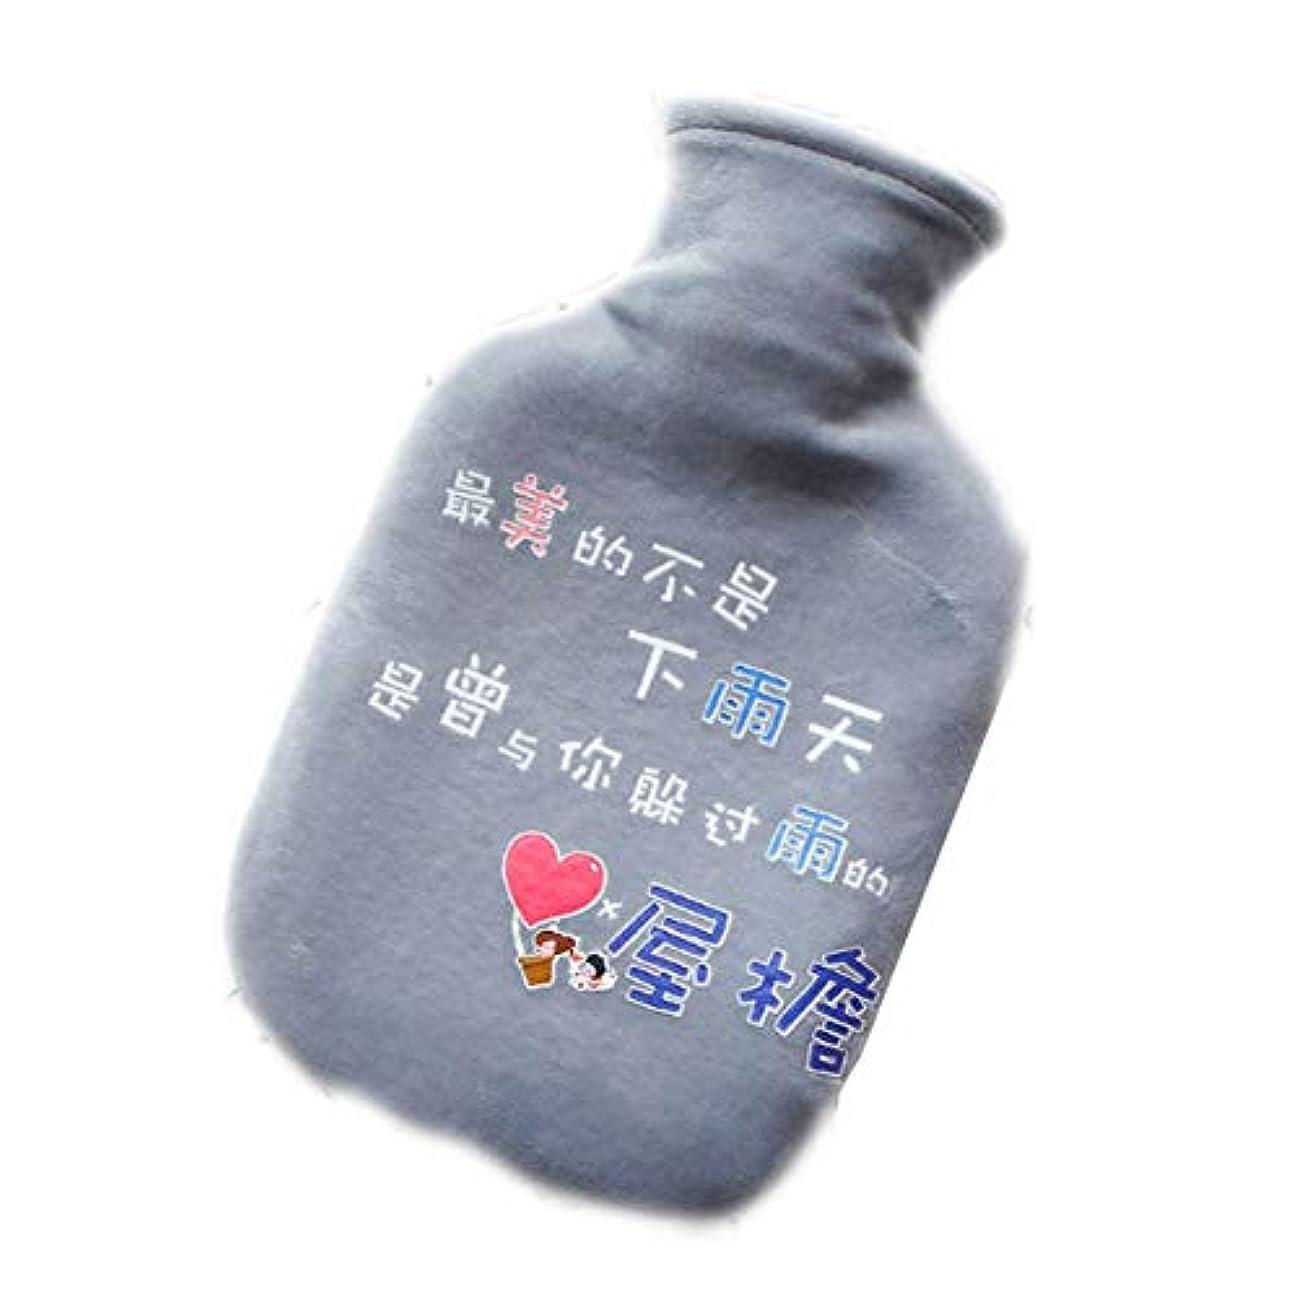 色合い恐怖パトワかわいい湯たんぽミニハンドウォーマー750ミリリットルの学生女性の温水バッグ